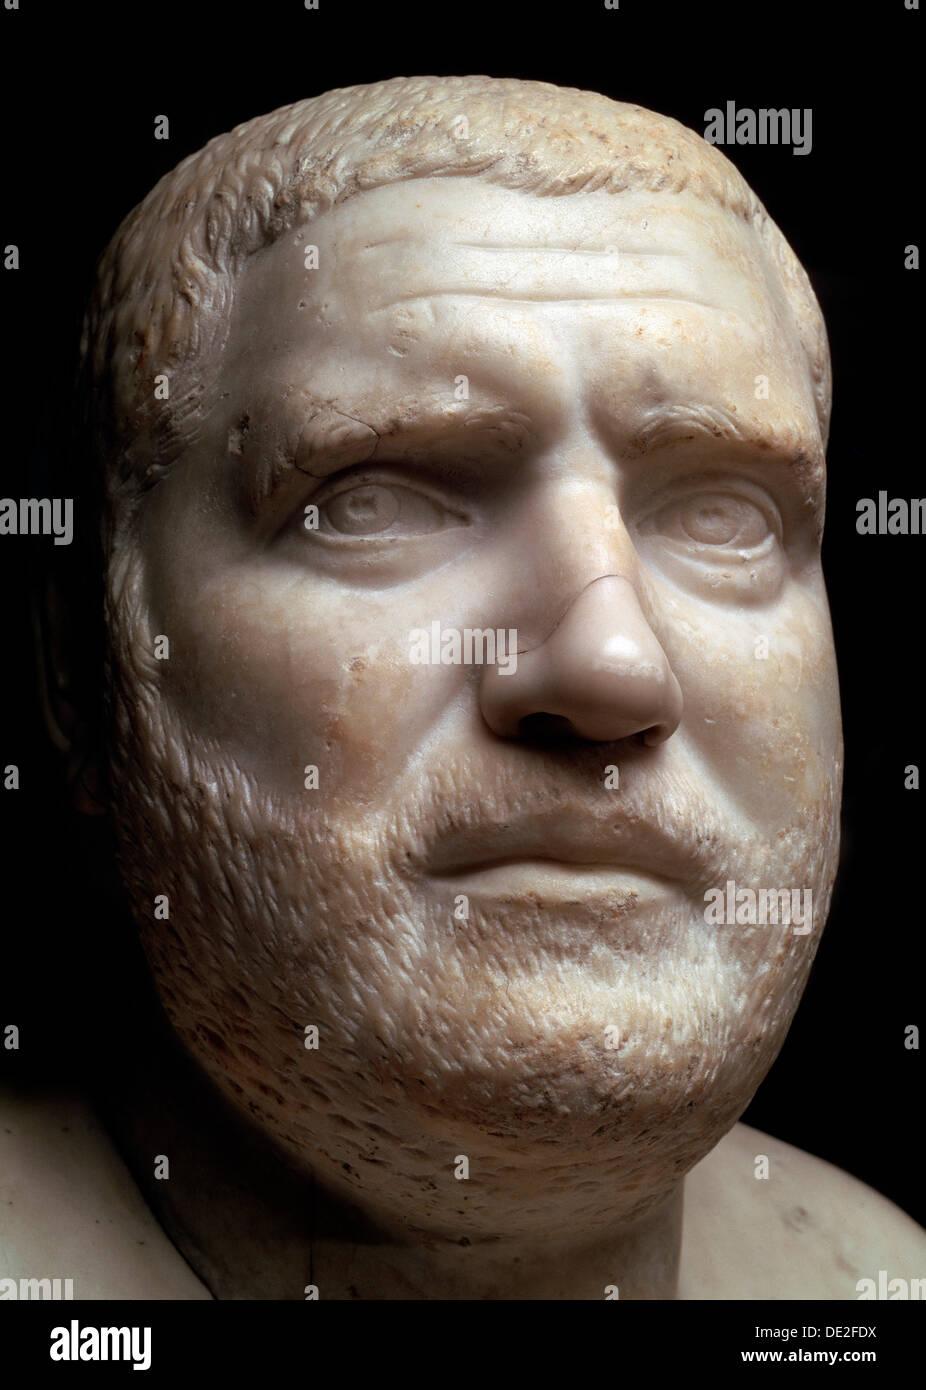 Portrait en buste de l'empereur romain Balbinus, 3e siècle. Photo Stock